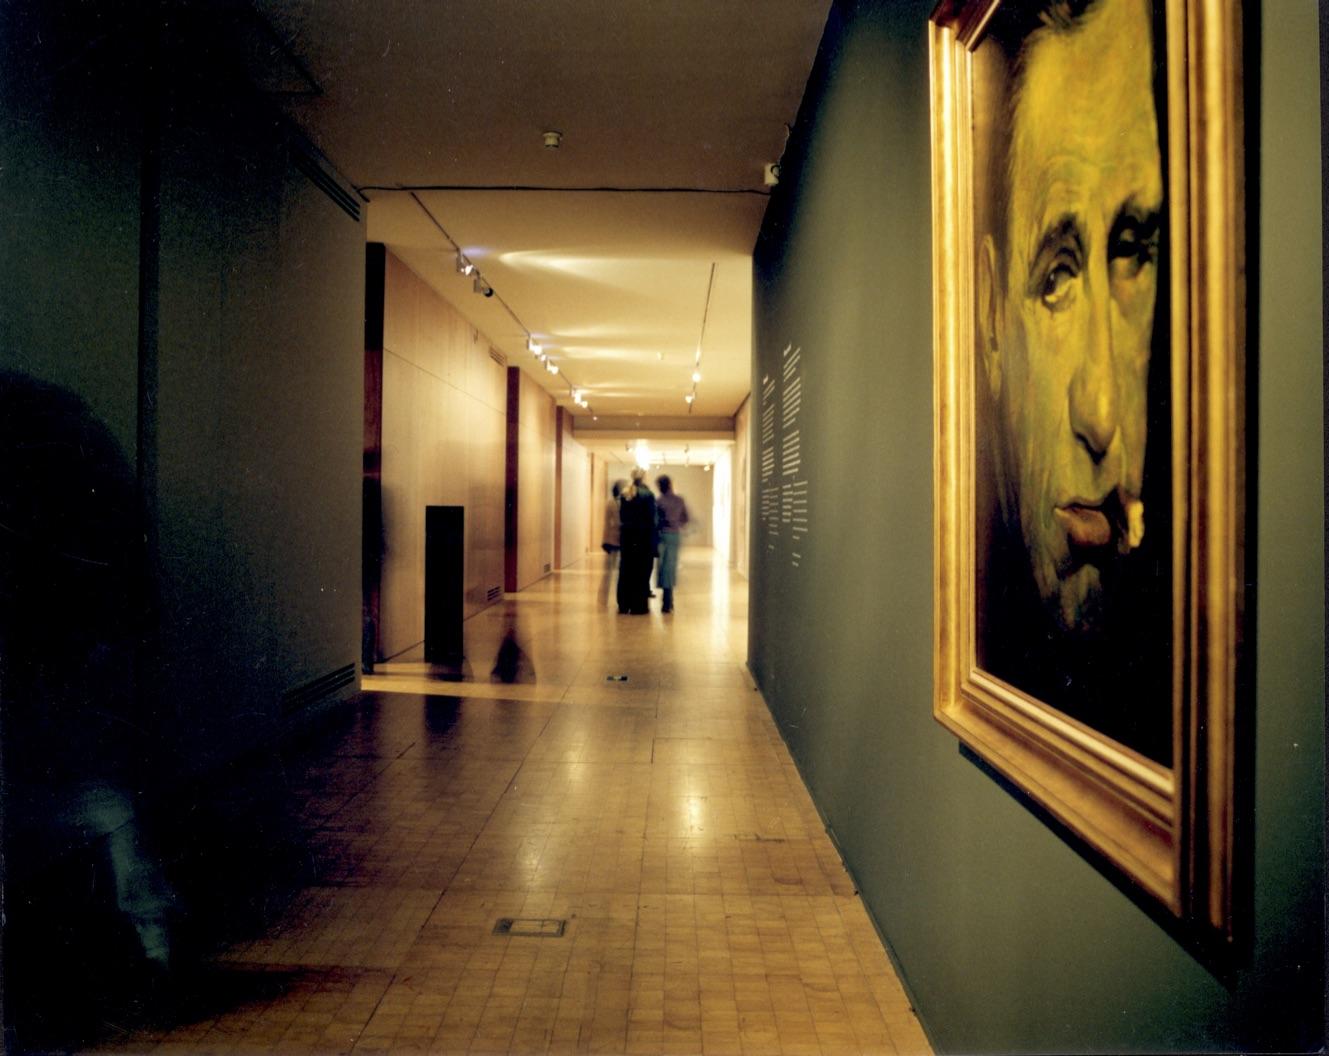 Tentoonstelling Ik of een Ander, Passage 44 Brussel